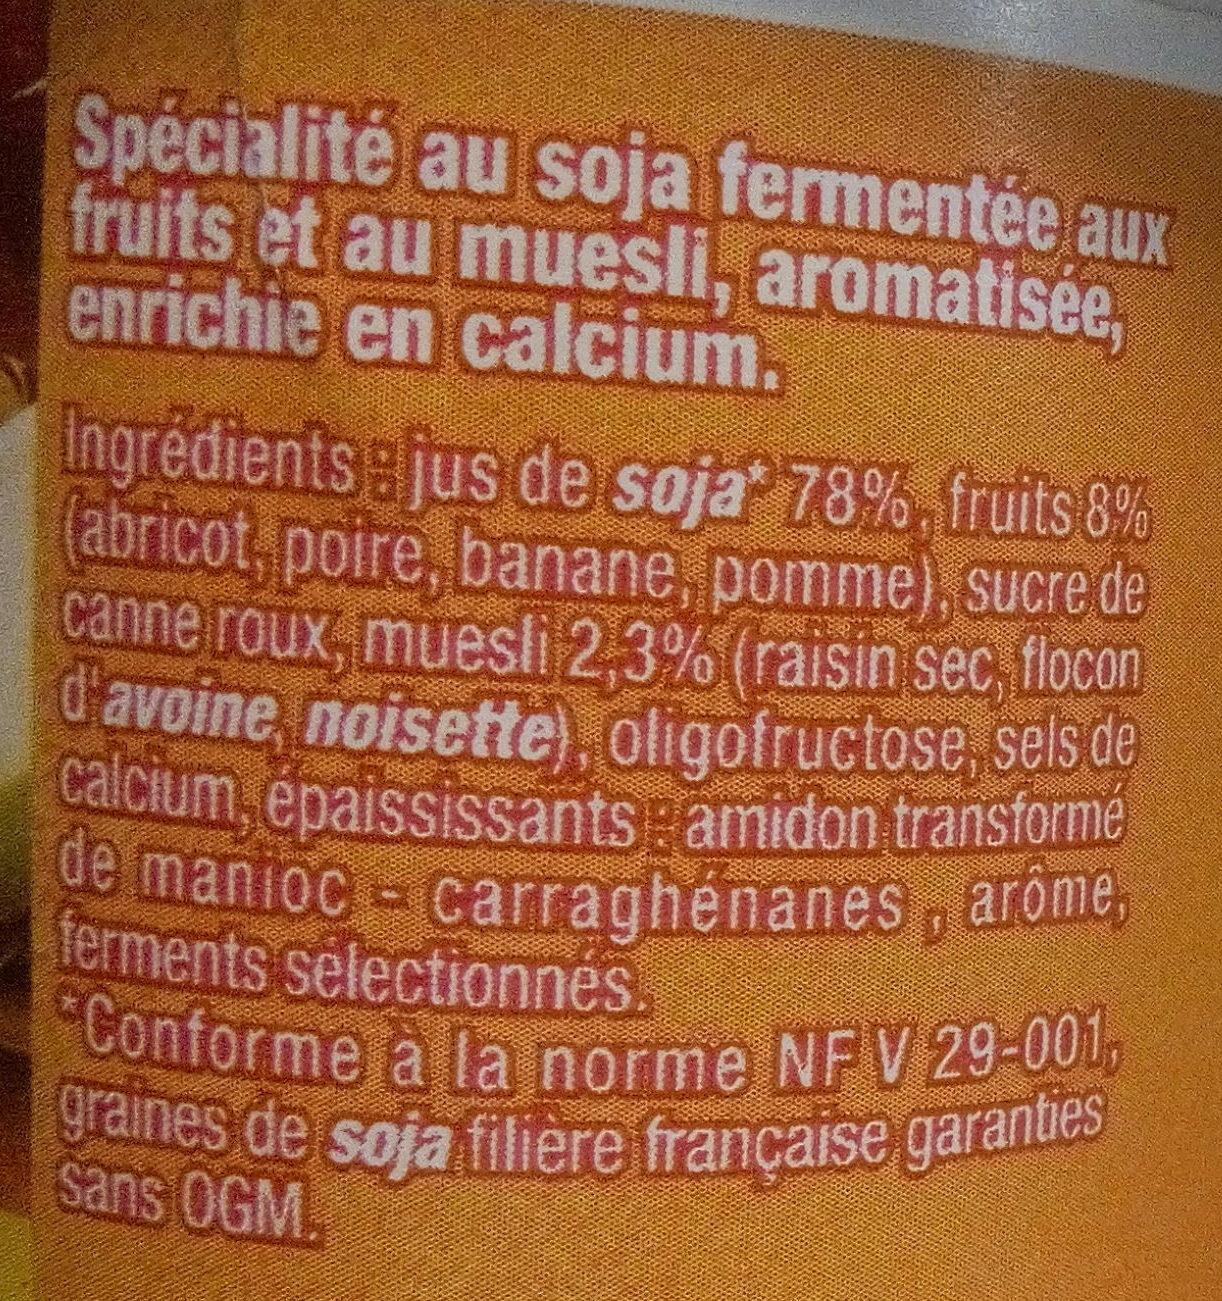 Dessert végétal, Muesli & Fruits - Ingrediënten - fr